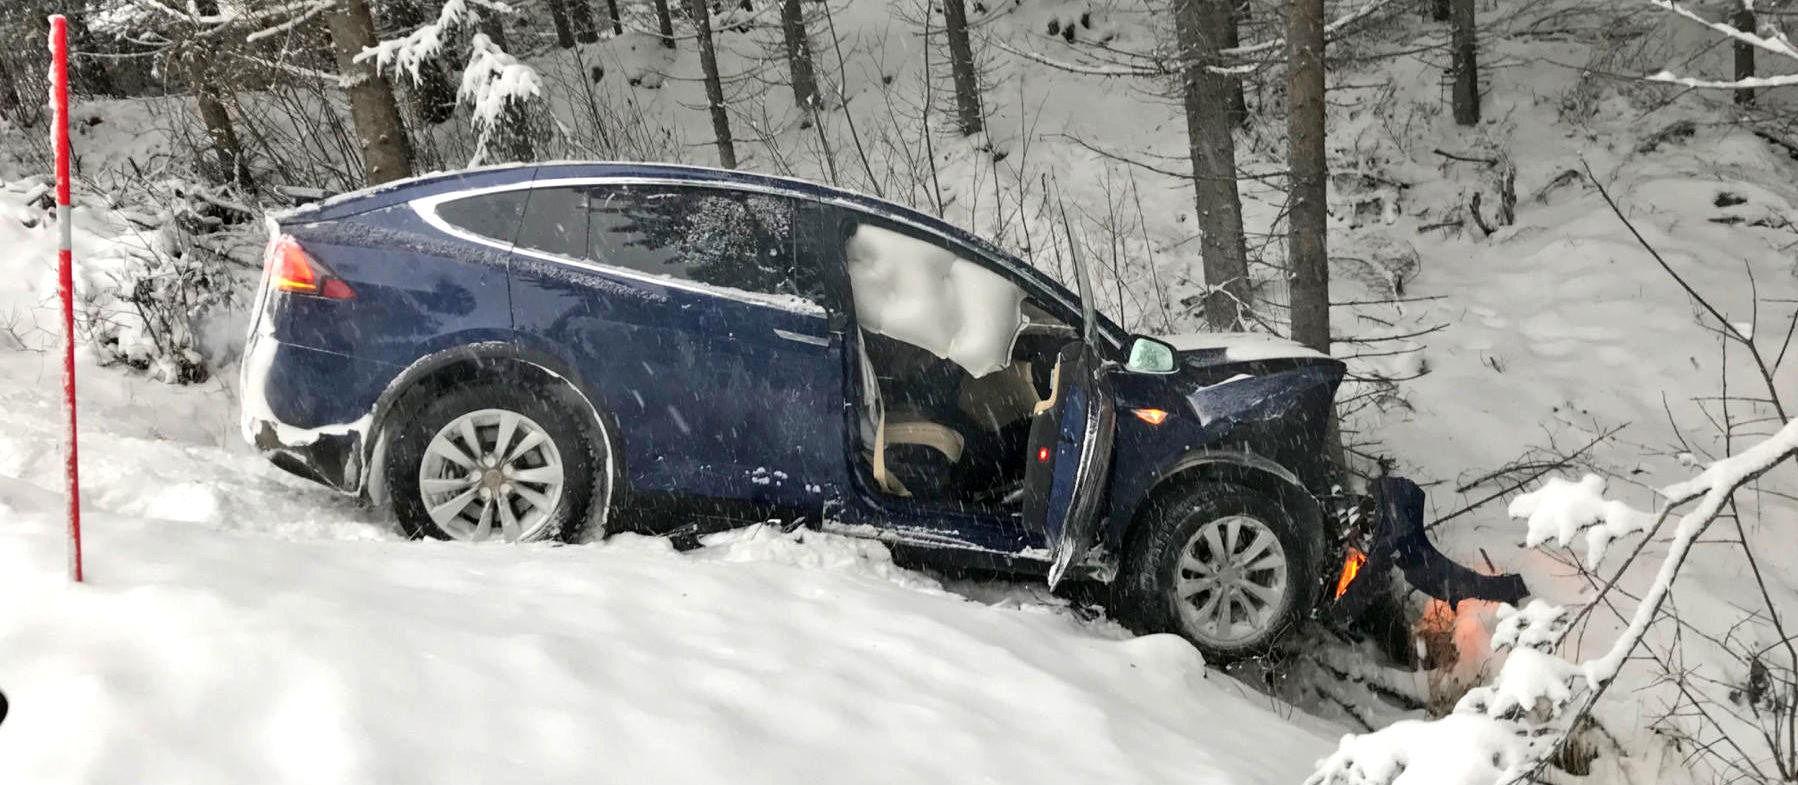 Her har Teslaen til Erik Ramsberg (50) krasjet inn i treet, etter at den traff en møtende bil på veien. Ulykken skjedde på svært glatte veier.